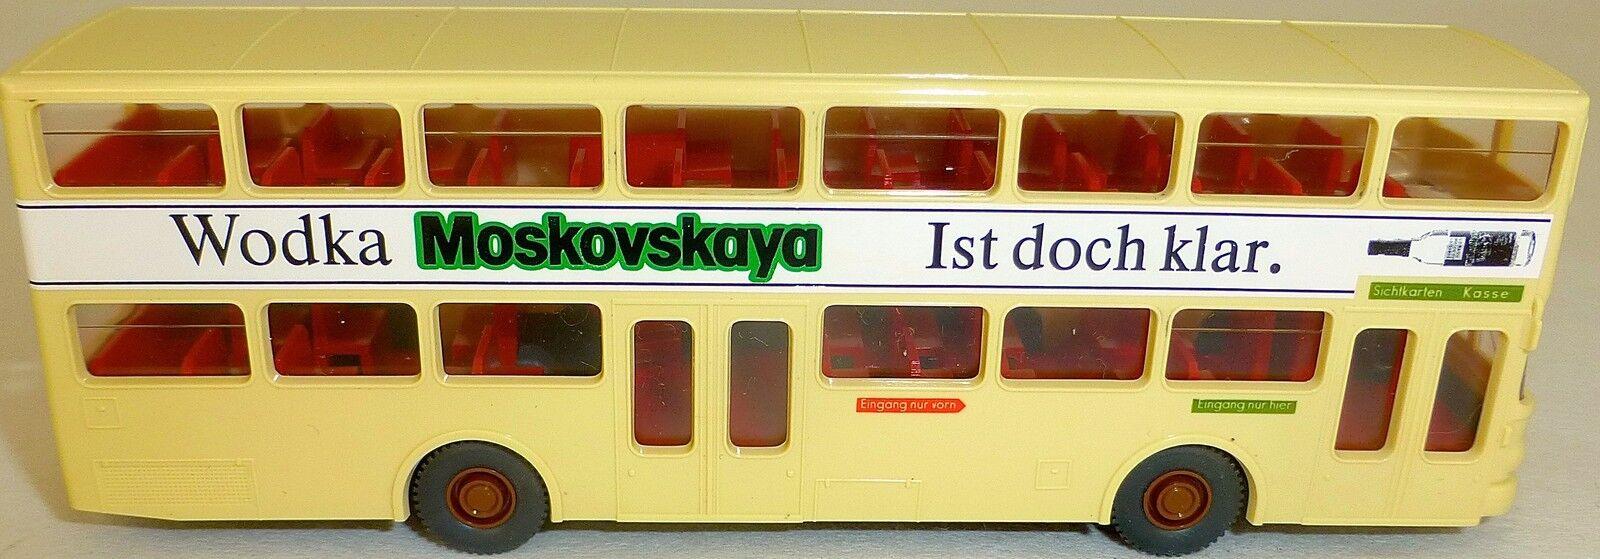 Moskovskaya Bus Publicité 69 Reichstag Imprimé Man Sd 200 Aus Wiking 1 87 HM3 Å